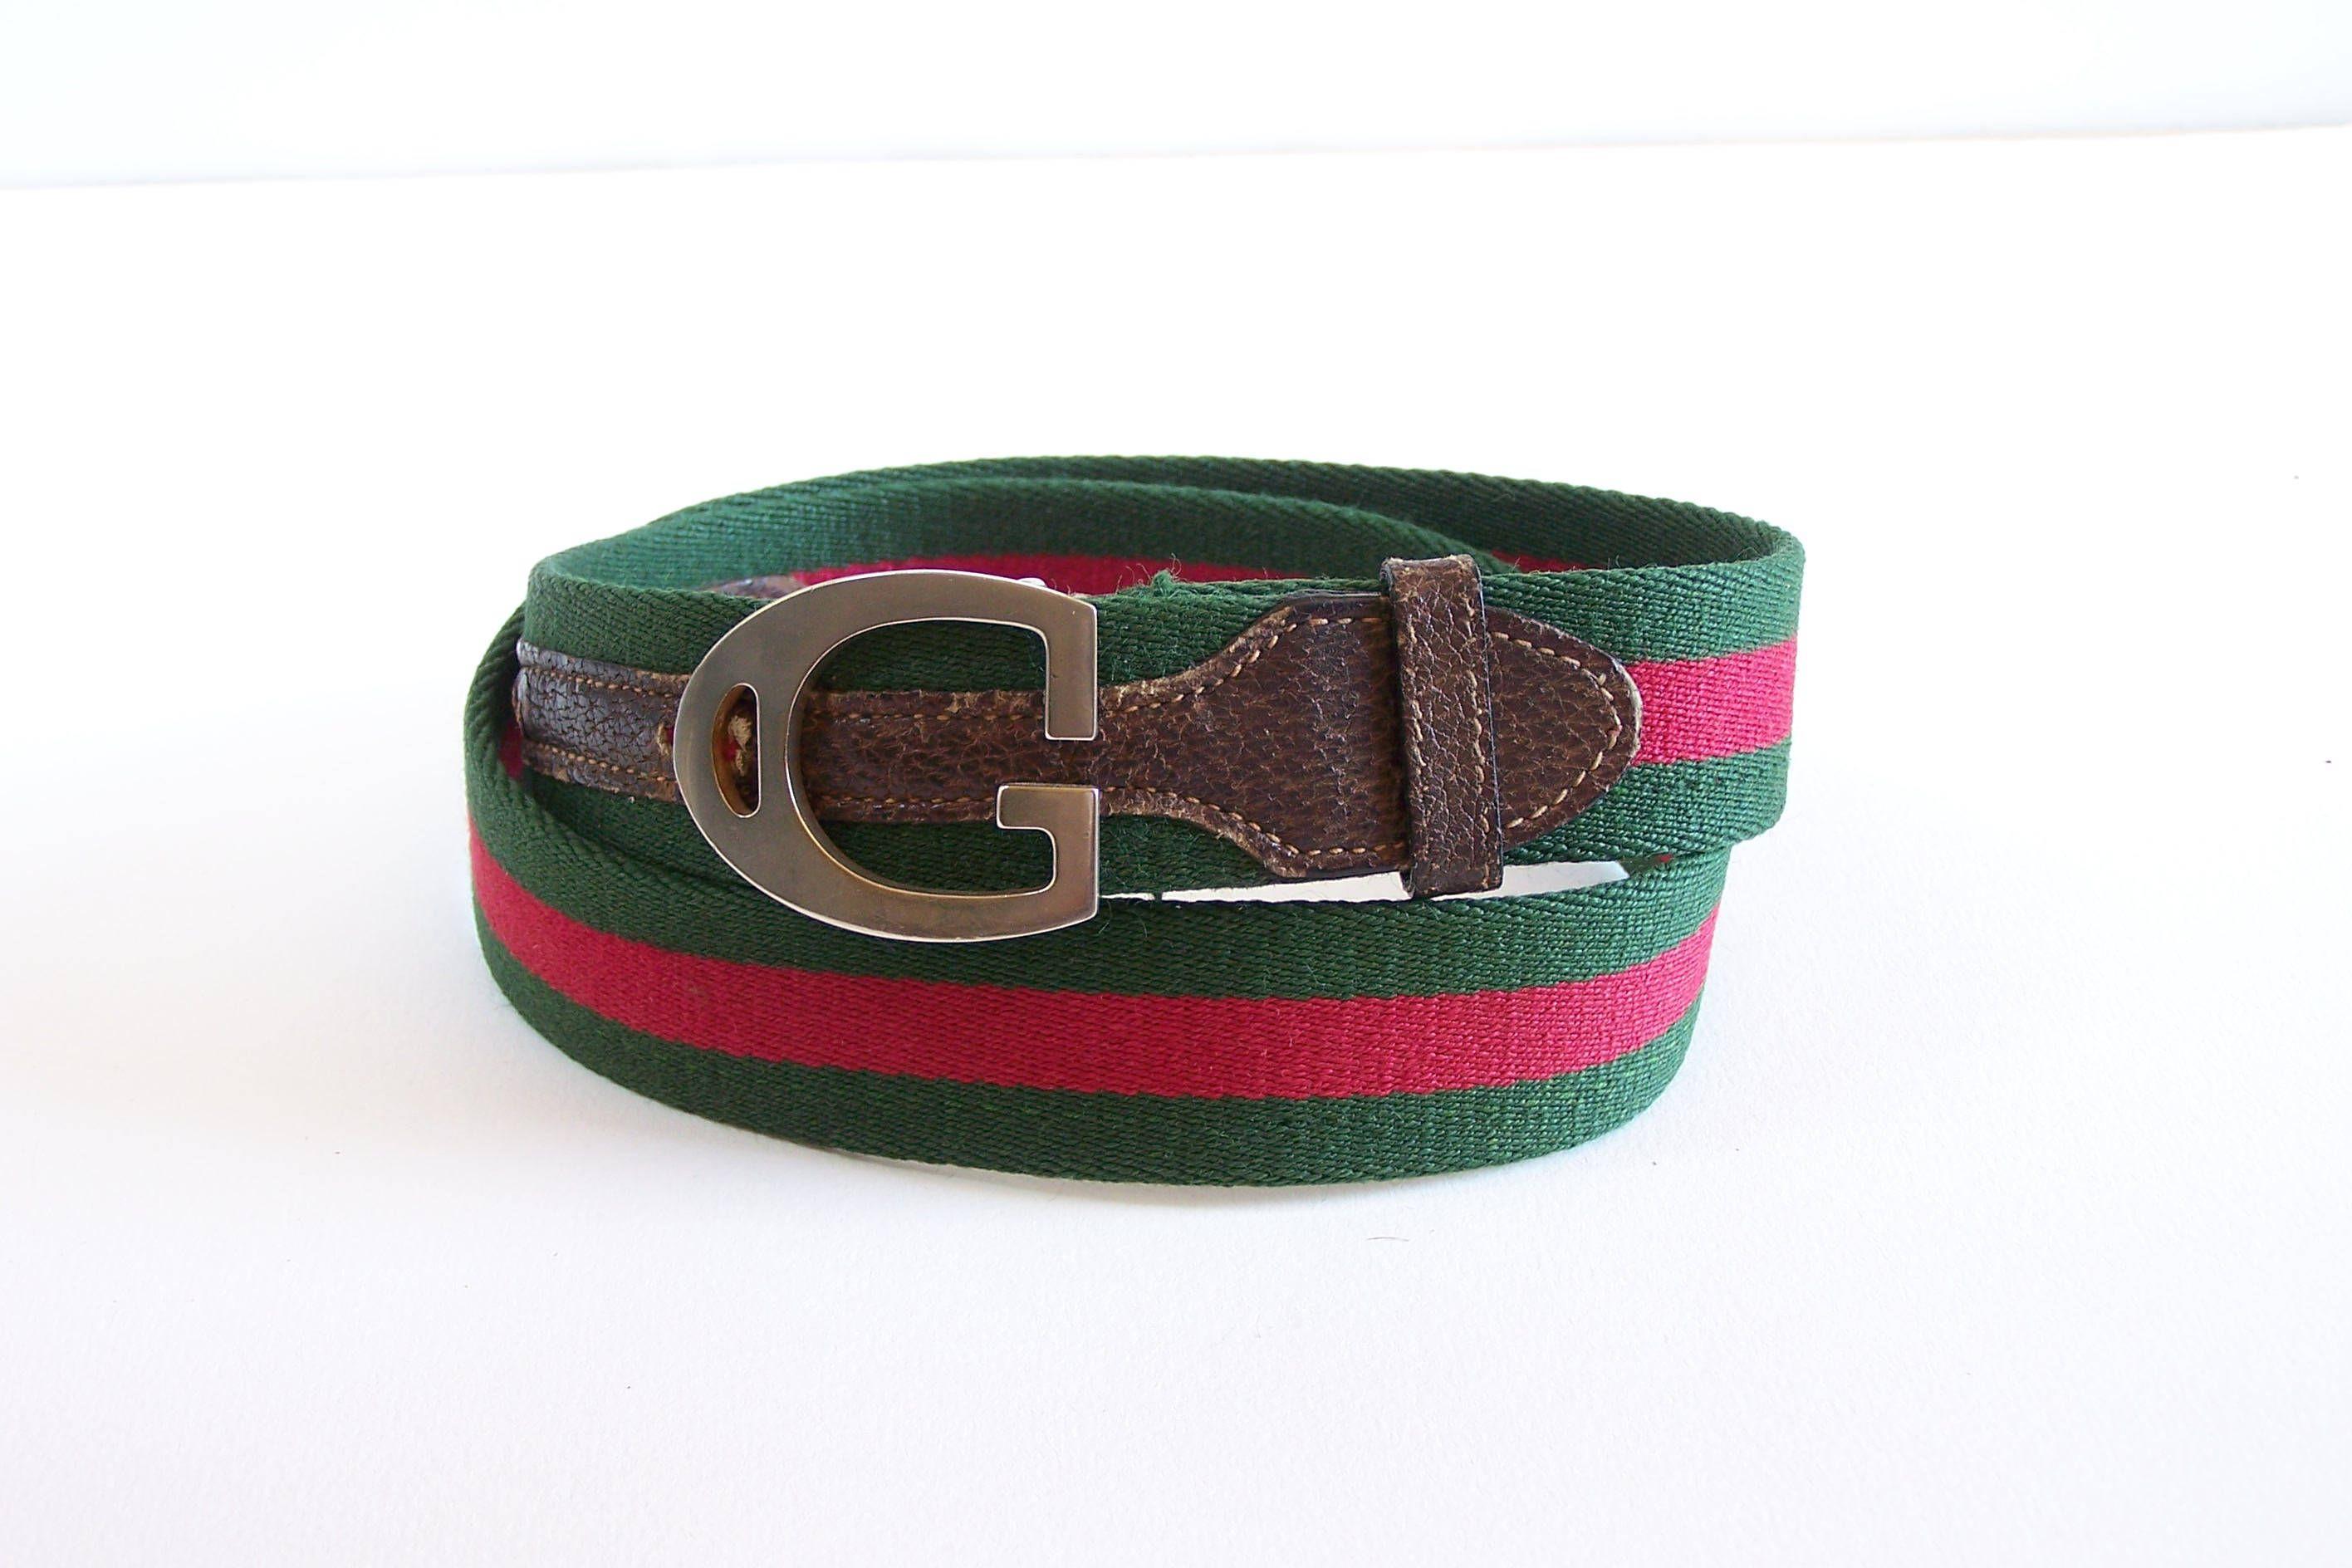 Ceinture Gucci cuir et tissu verte et rouge boucle métal G Vintage Made in  Italy de la boutique MyFrenchIdeedAntique sur Etsy 6c6e100103f